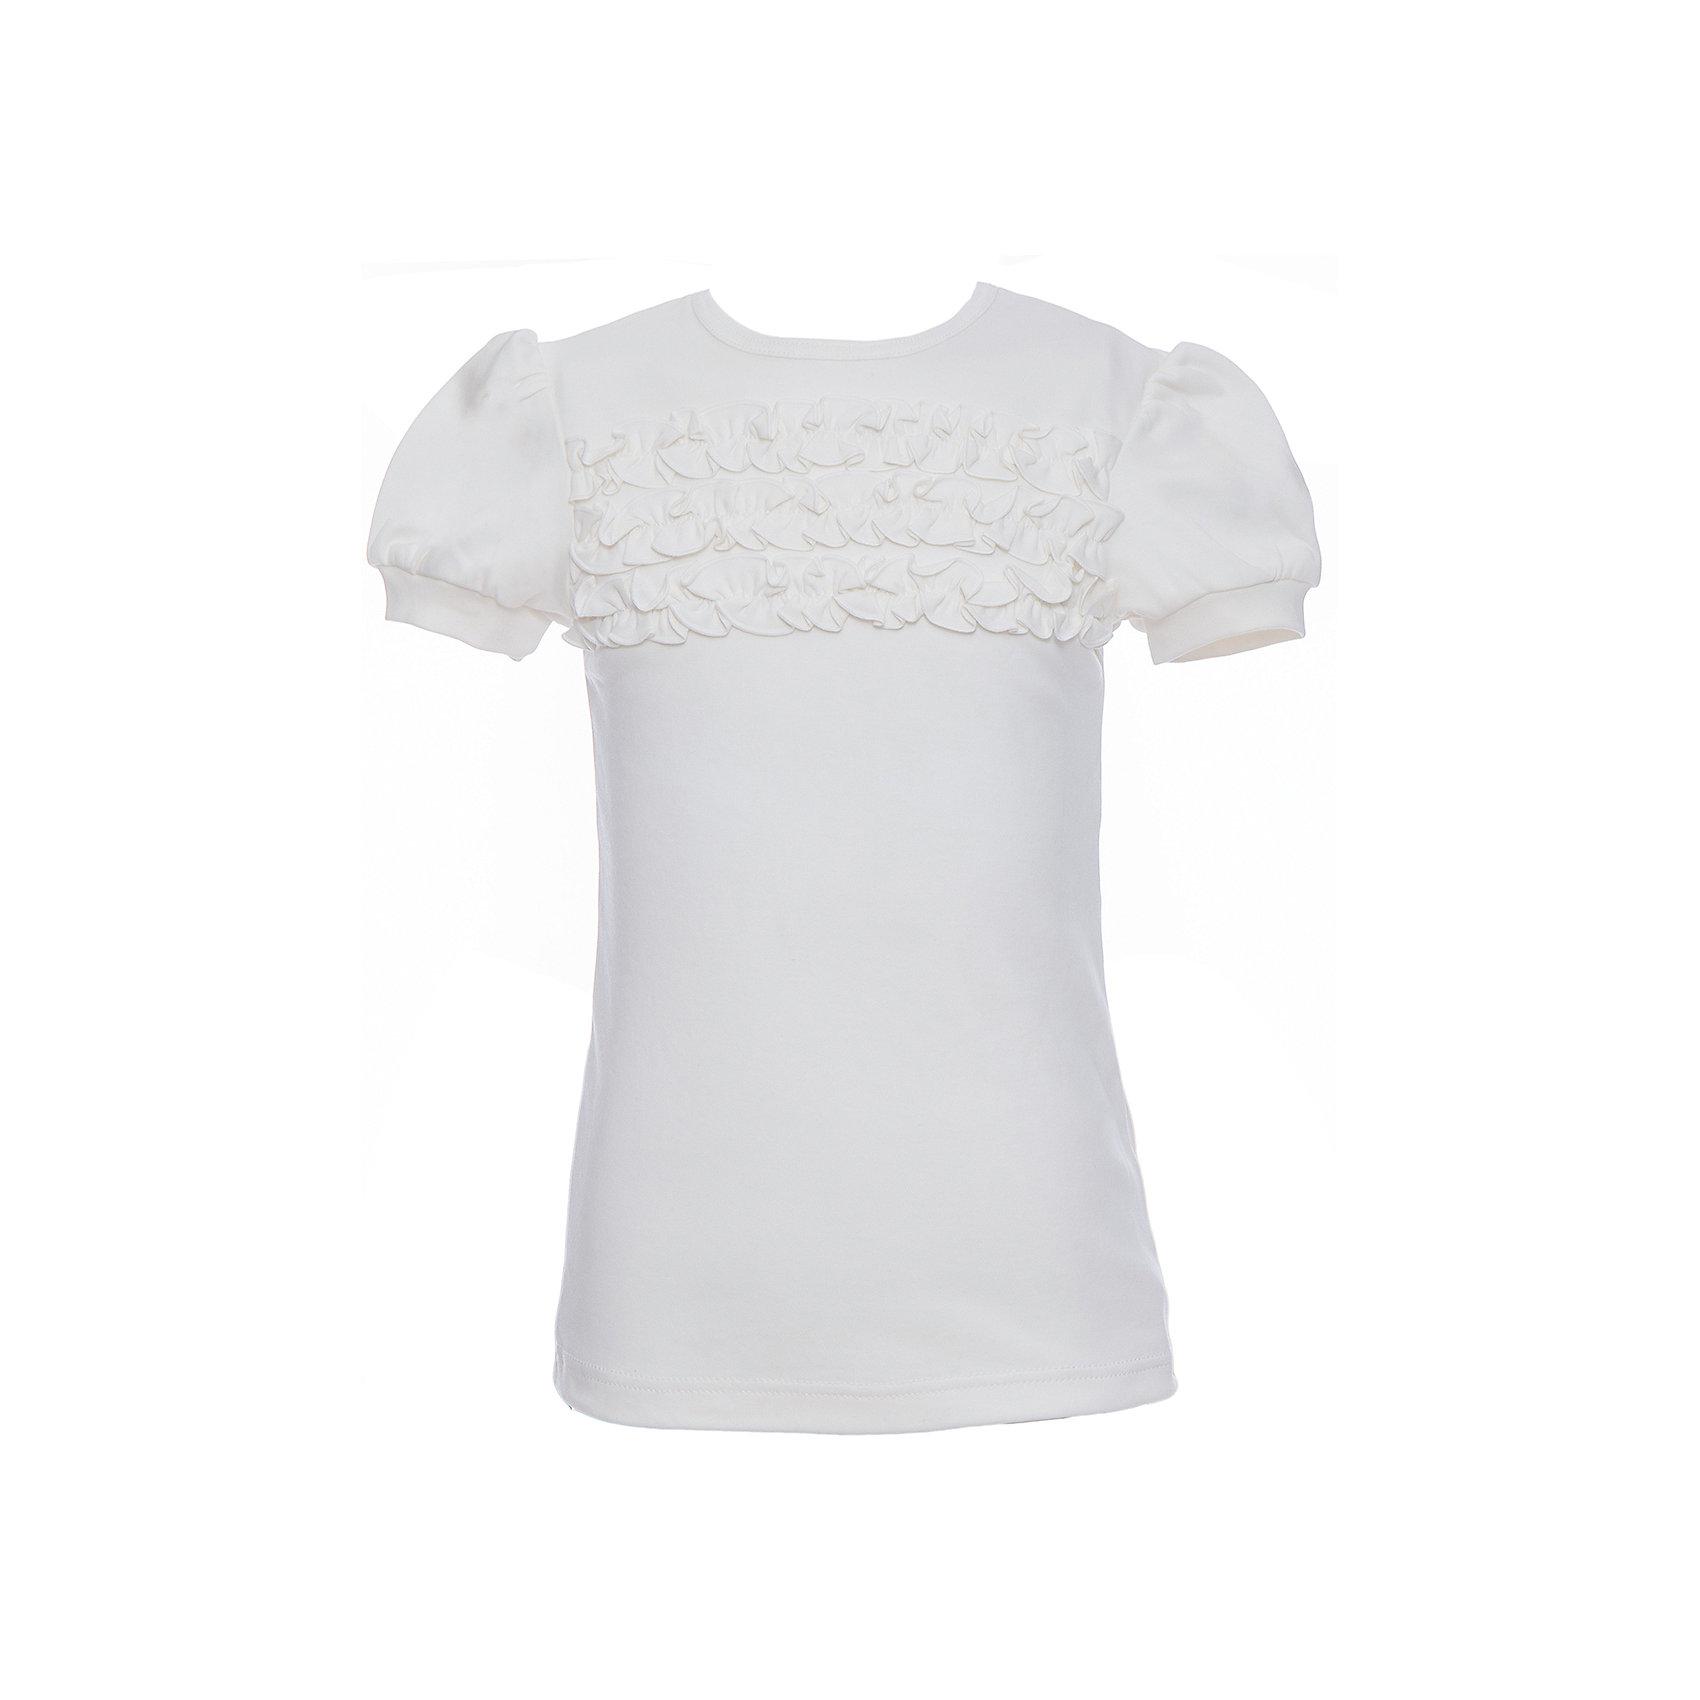 Блузка для девочки Белый снегБлузки и рубашки<br>Характеристики товара:<br><br>• цвет: белый<br>• 100% хлопок<br>• декорирована рюшами<br>• с коротким рукавом<br>• застежка: пуговица<br>• манжеты на резинке<br>• особенности: школьная, однотонная<br>• страна бренда: Российская Федерация<br>• страна производства: Российская Федерация<br><br>Школьная блузка с коротким рукавом для девочки. Белая блузка с рюшами застегивается сзади на одну пуговицу, для удобства надевания через голову. Манжеты рукавов на эластичной резинке.<br><br>Блузку для девочки Белый снег можно купить в нашем интернет-магазине.<br><br>Ширина мм: 230<br>Глубина мм: 40<br>Высота мм: 220<br>Вес г: 250<br>Цвет: белый<br>Возраст от месяцев: 120<br>Возраст до месяцев: 132<br>Пол: Женский<br>Возраст: Детский<br>Размер: 140/146,152,122/128,134<br>SKU: 6839186